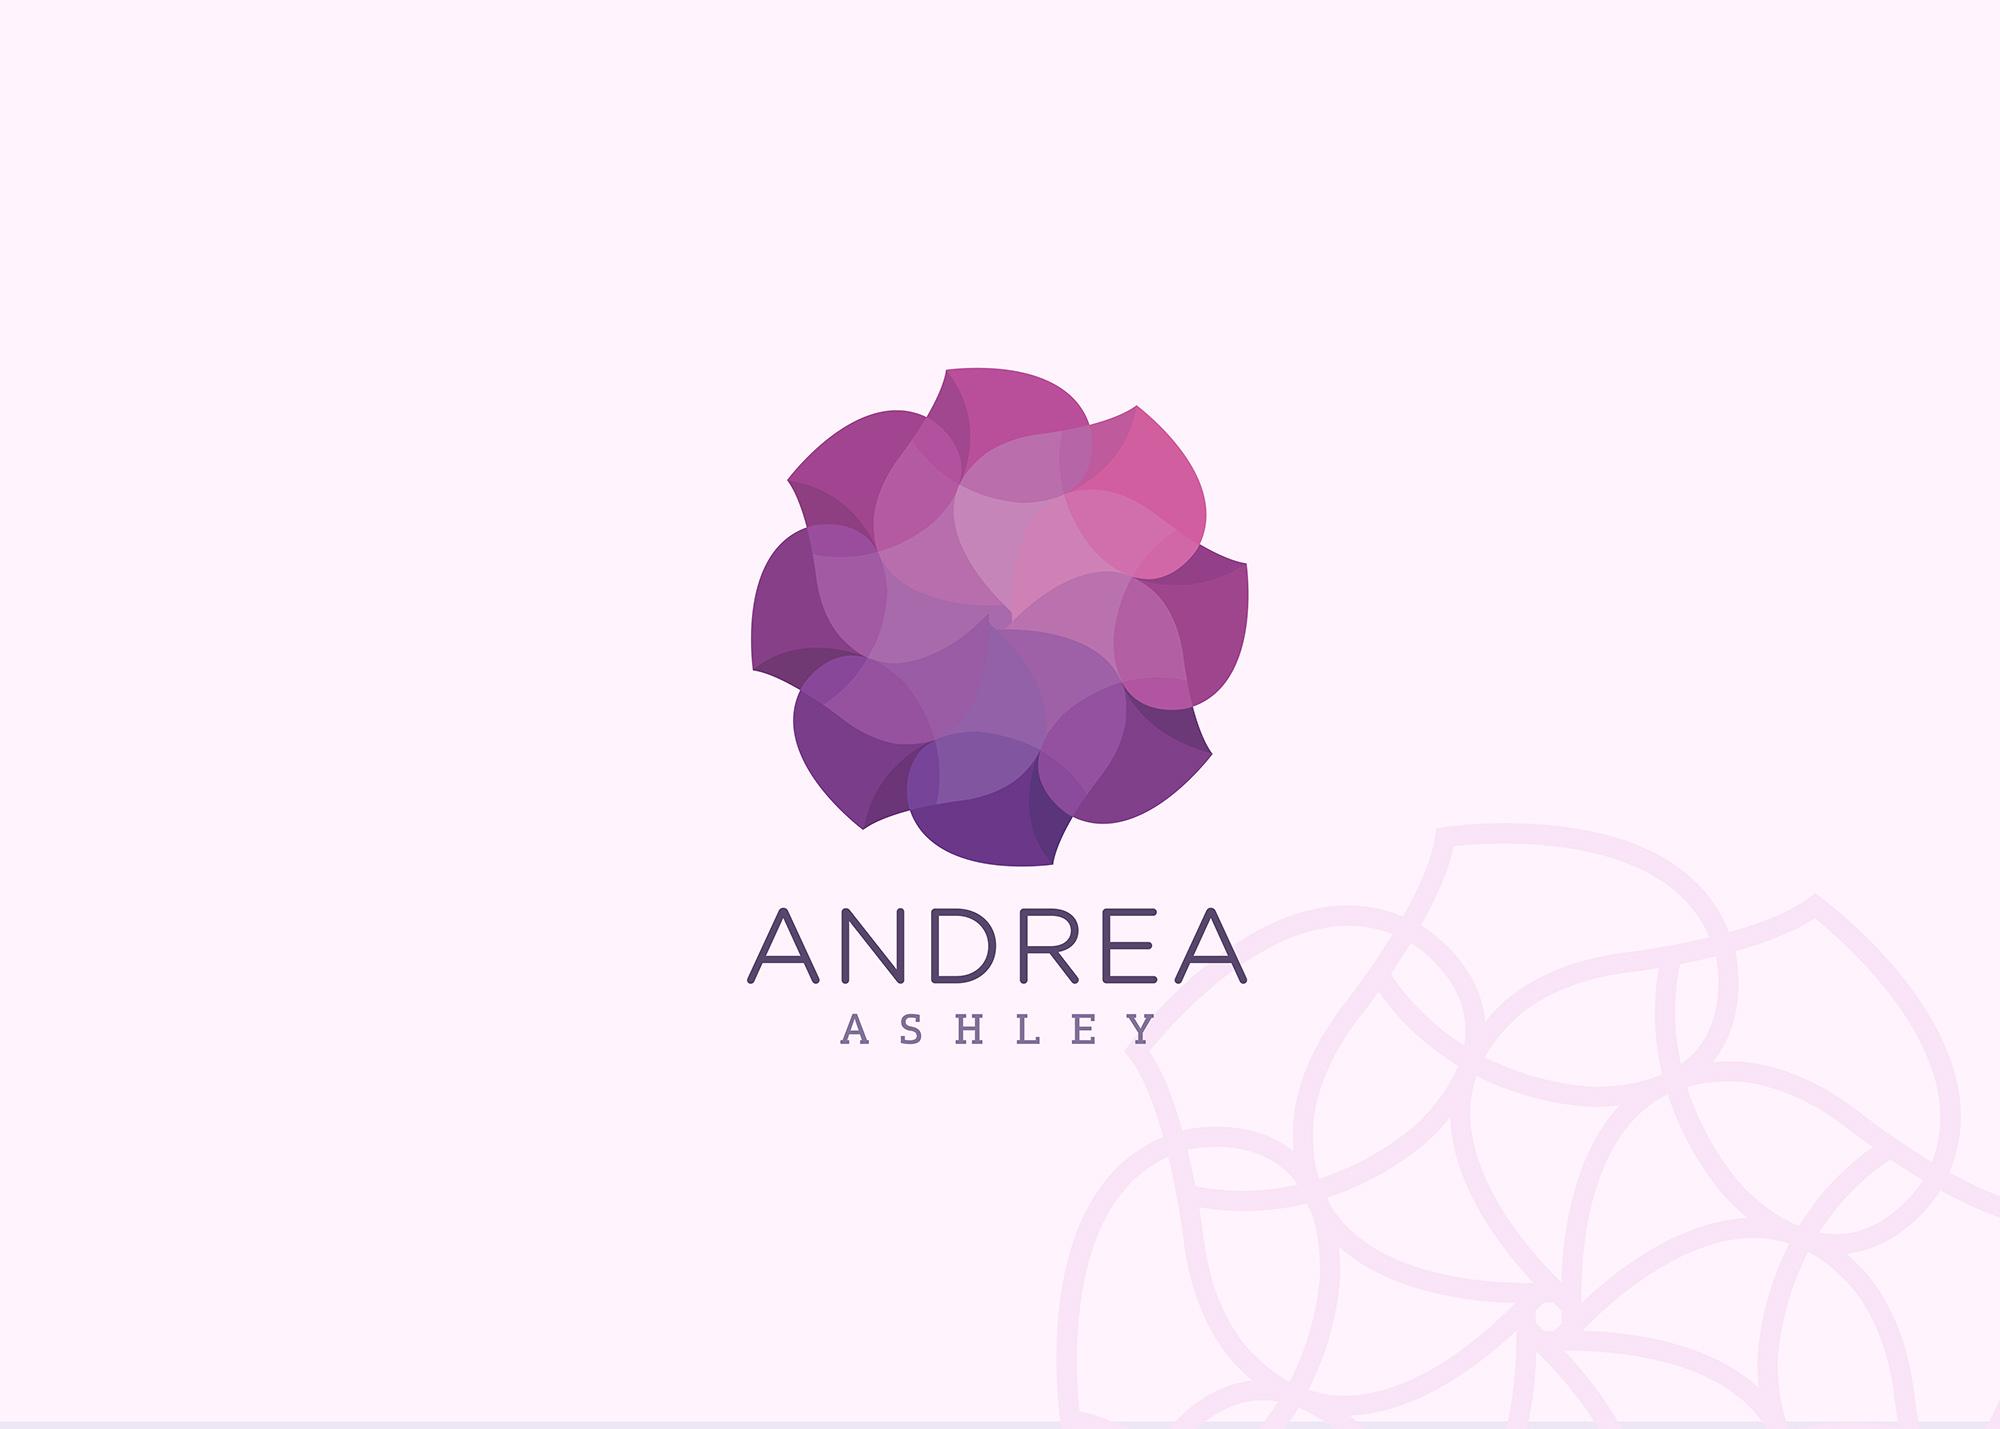 Andrea Ashley: Branding & Website